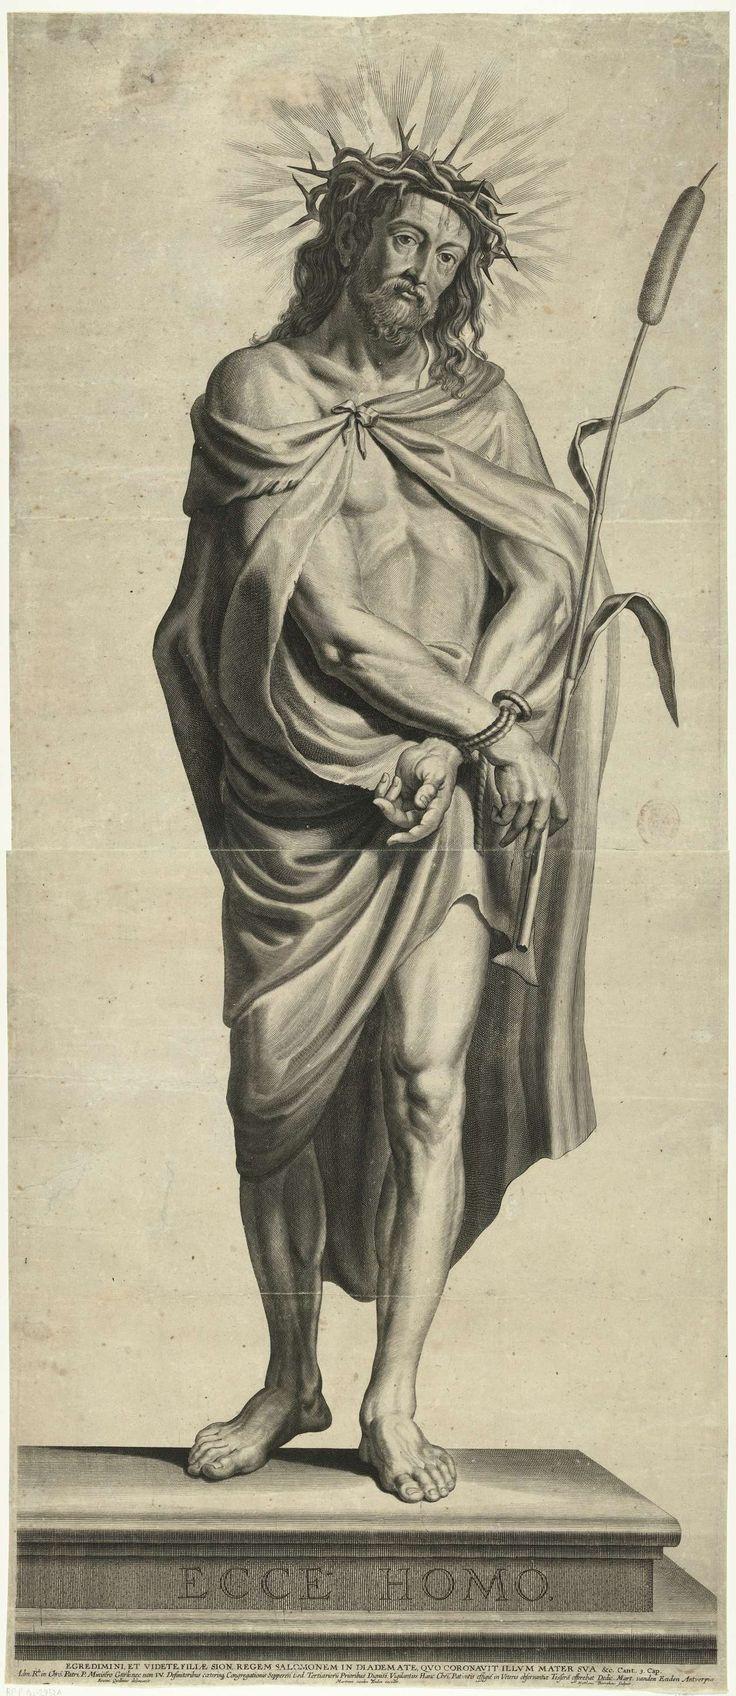 Mattheus Borrekens   Ecce Homo, Mattheus Borrekens, Martinus van den Enden, 1625 - 1670   Op de voorgrond van de prent staat de 'Ecce Homo', de gegeselde en met een doornenkroon gekroonde Christus. Christus staat op een verhoog waarop Ecce Homo staat geschreven. Hij draagt een gewaad en zijn handen zijn vastgebonden. In zijn rechterhand houdt hij een rietstengel vast als scepter. Hij huilt. De prent heeft een Latijns onderschrift.